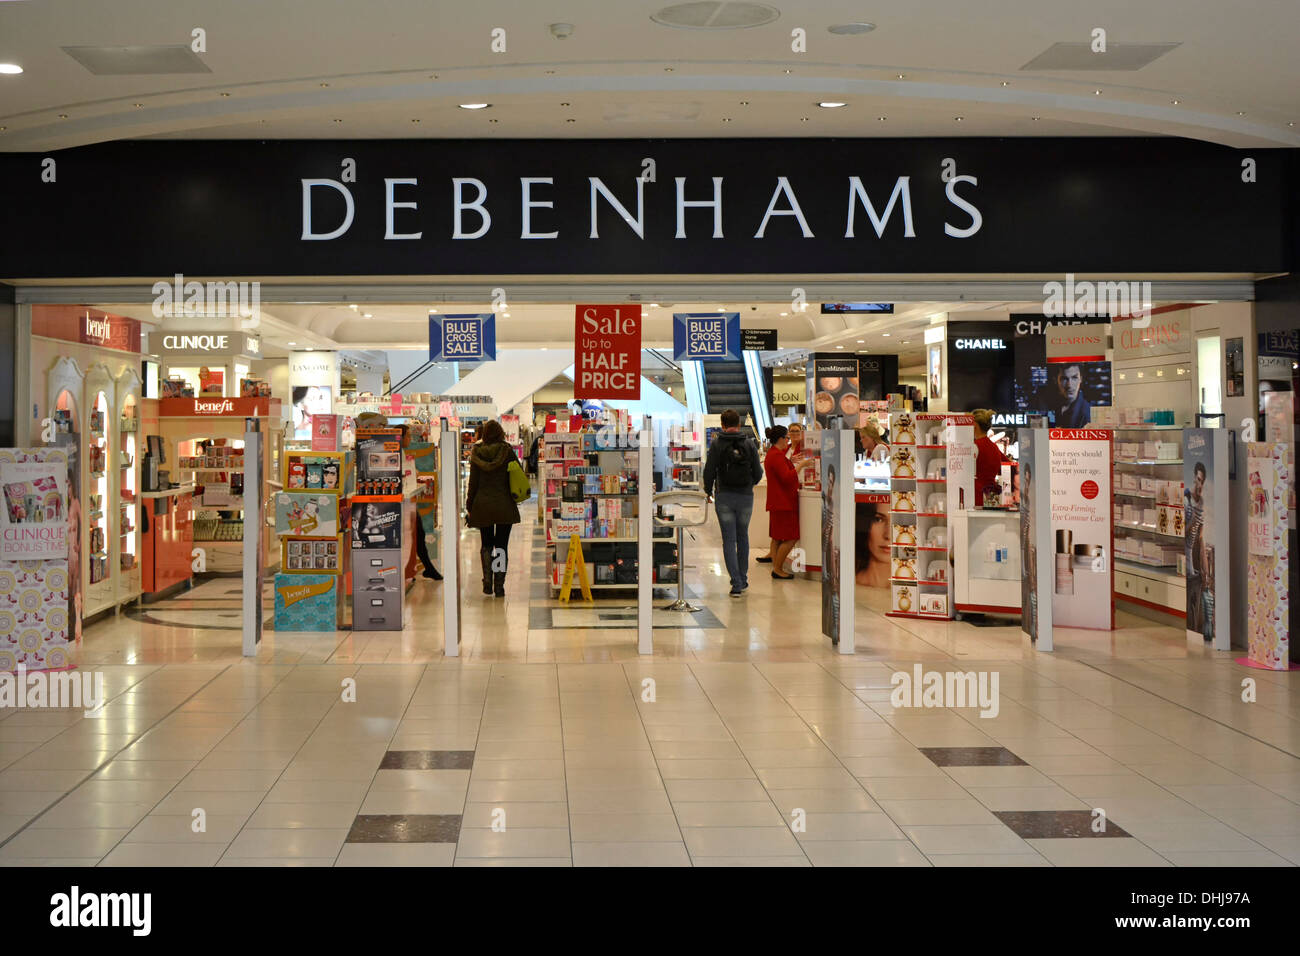 Debenhams Stock Photos & Debenhams Stock Images - Alamy